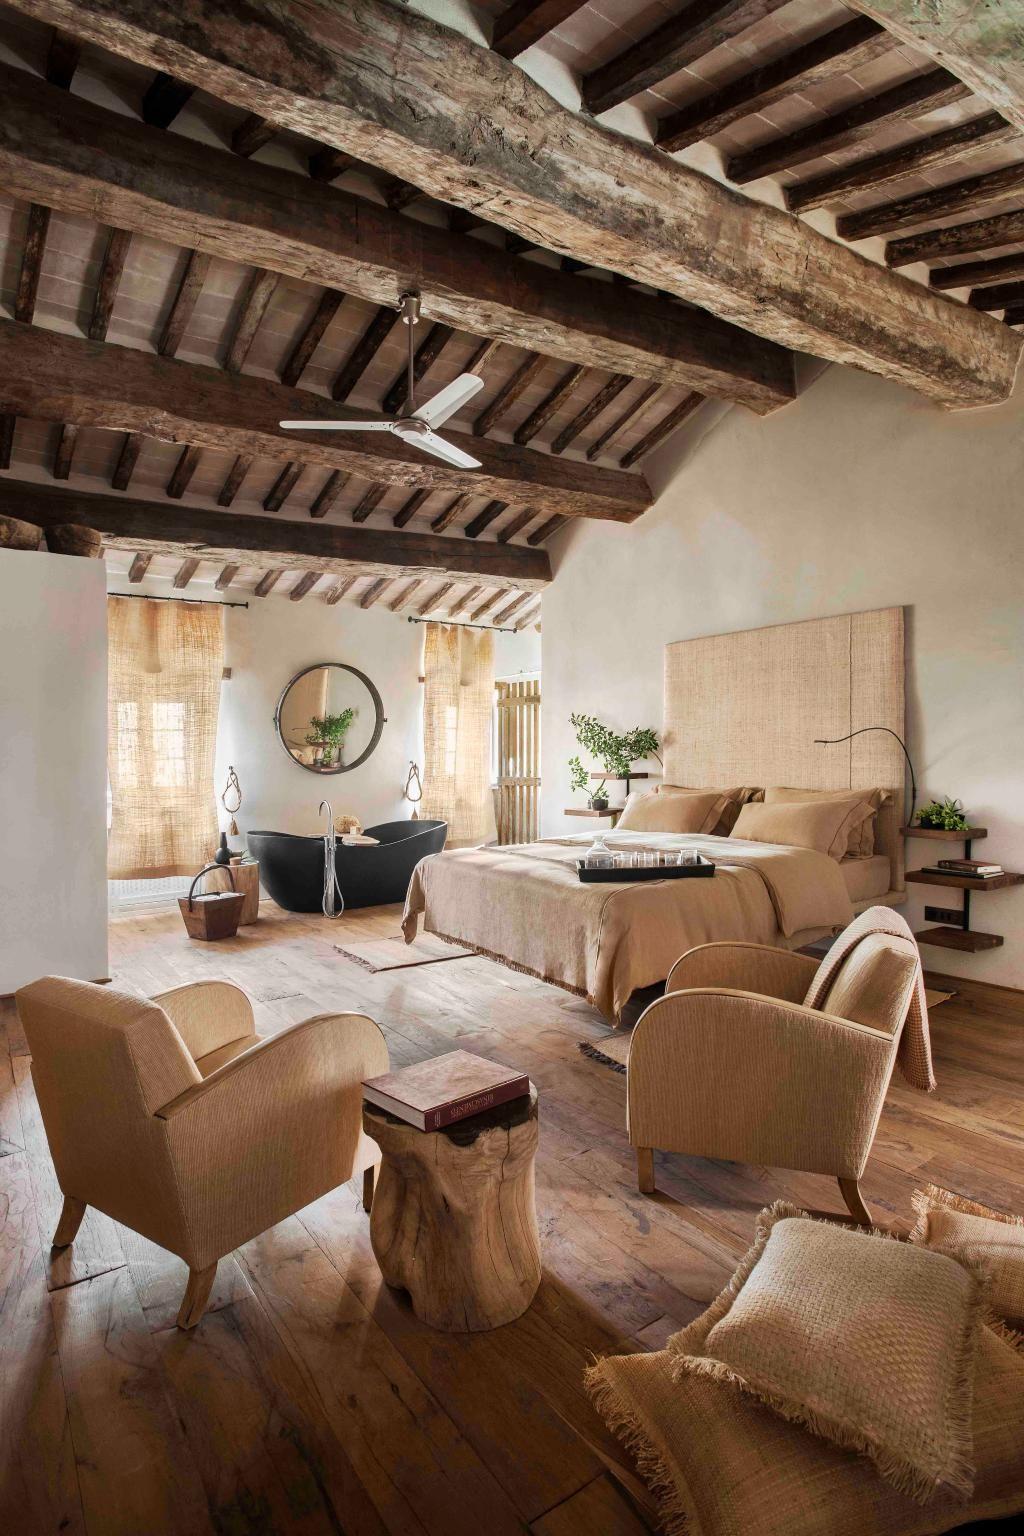 Italy Hotel Monteverdi Tuscany アンティークハウス インテリア